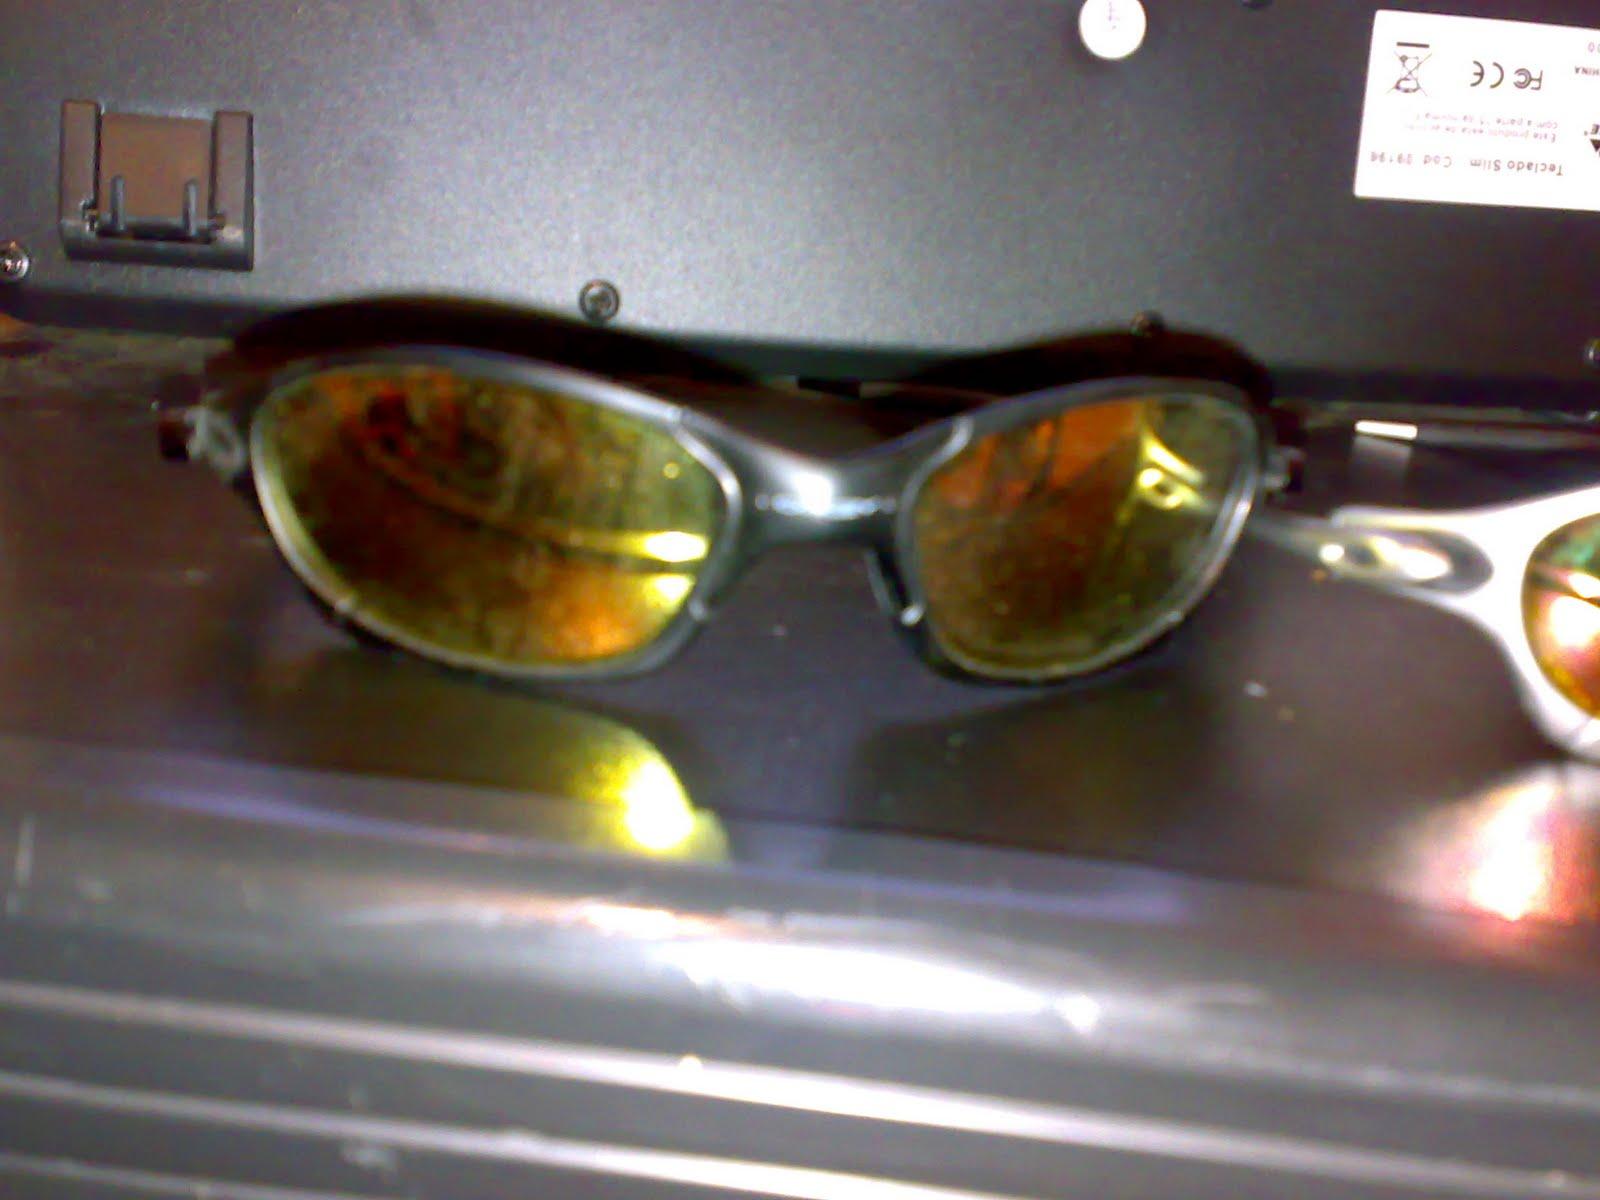 Arquivos de aço moveis para escritorio e utensilios pessoais: Oculos  #978534 1600x1200